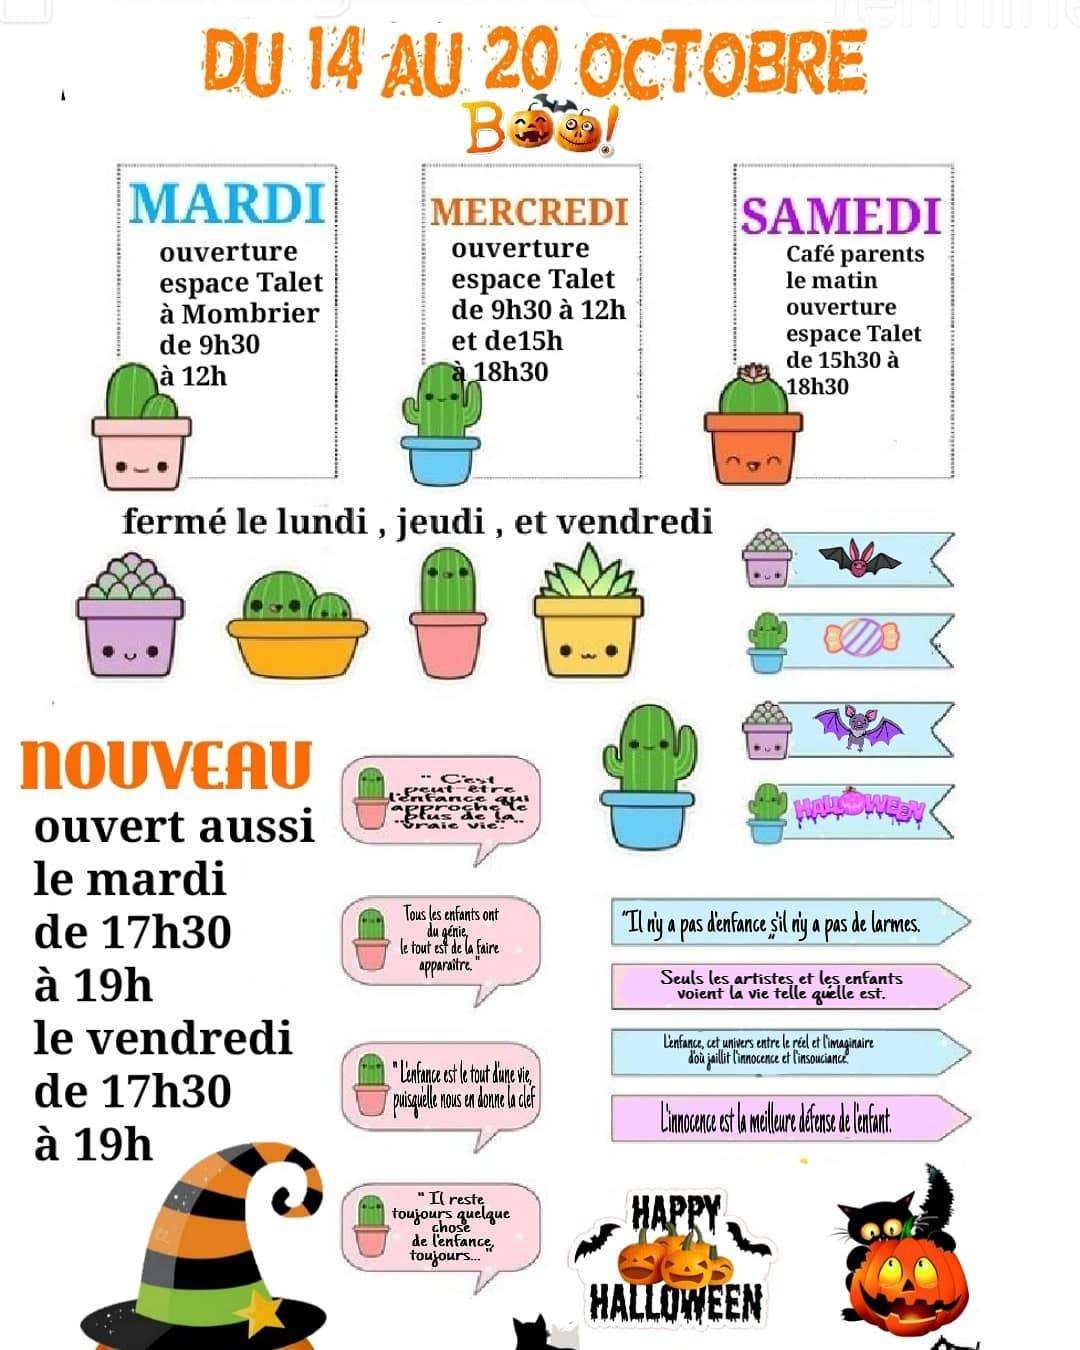 Planning De La Semaine Prochaine Samedi Matin Café Parents concernant Comptine Bonjour Madame Lundi